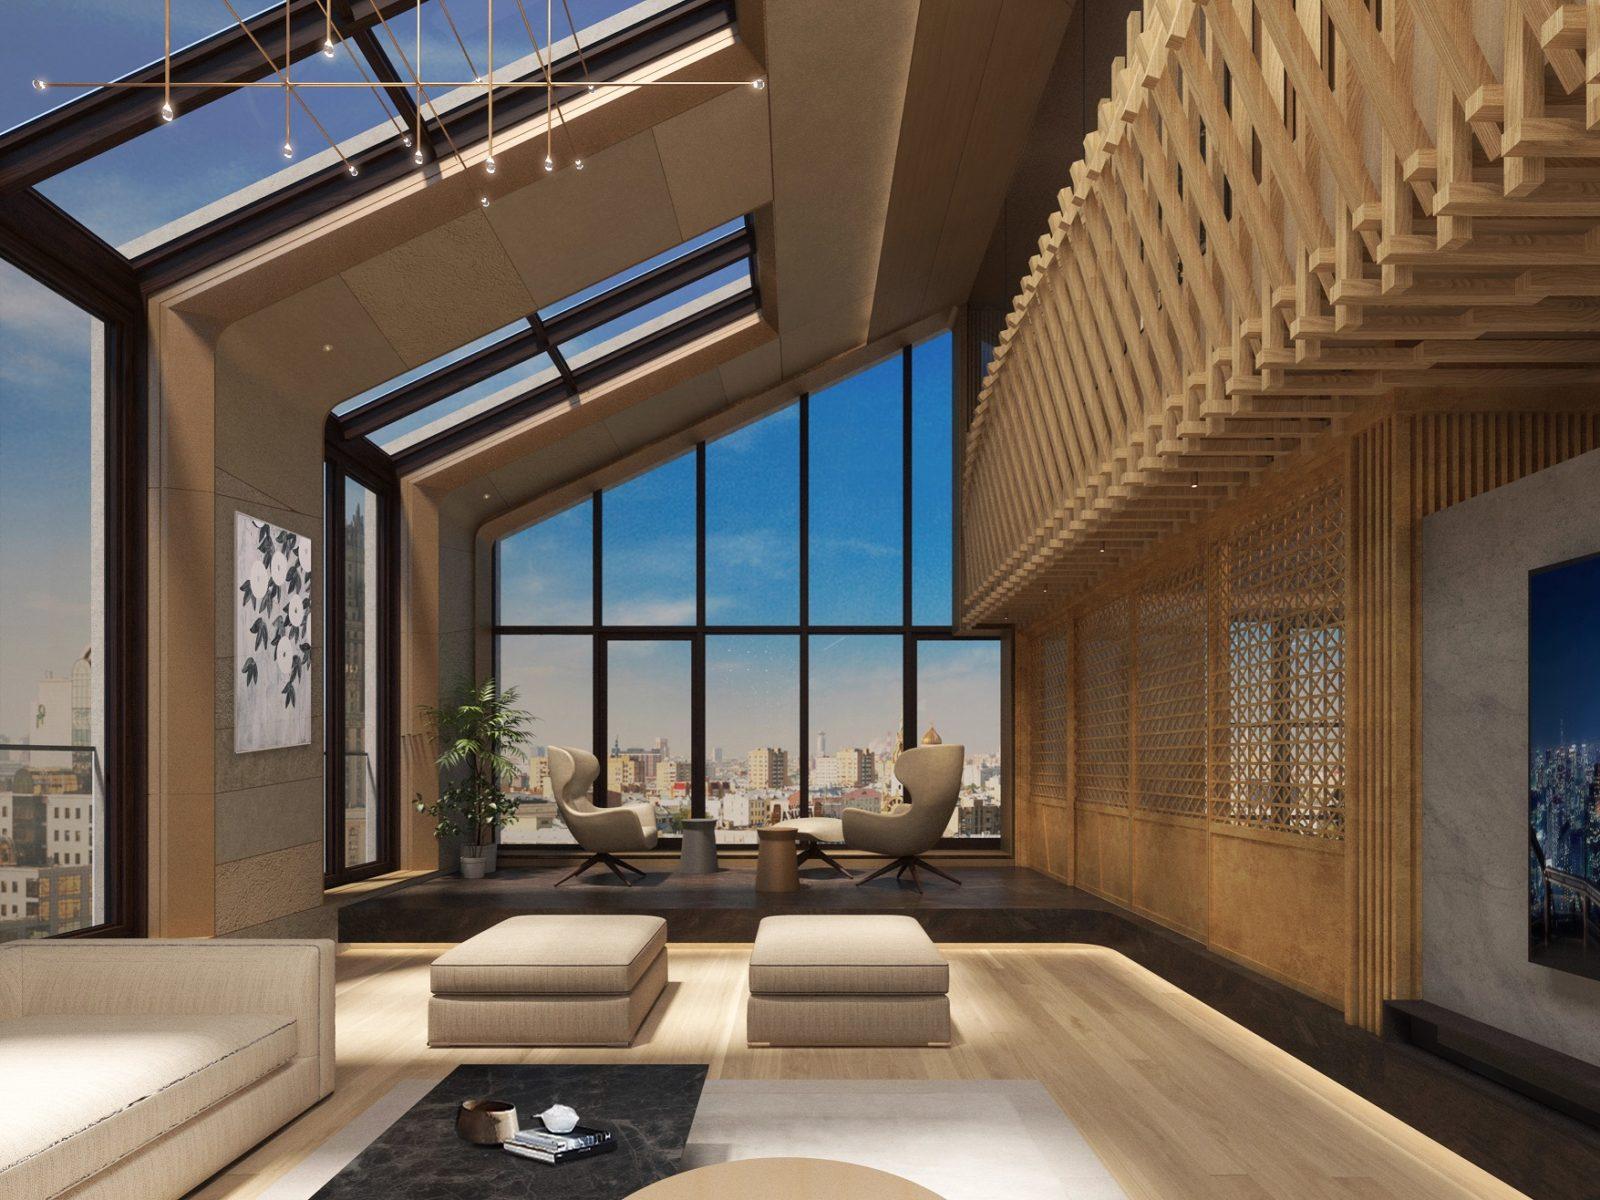 Пентхаус в японском стиле